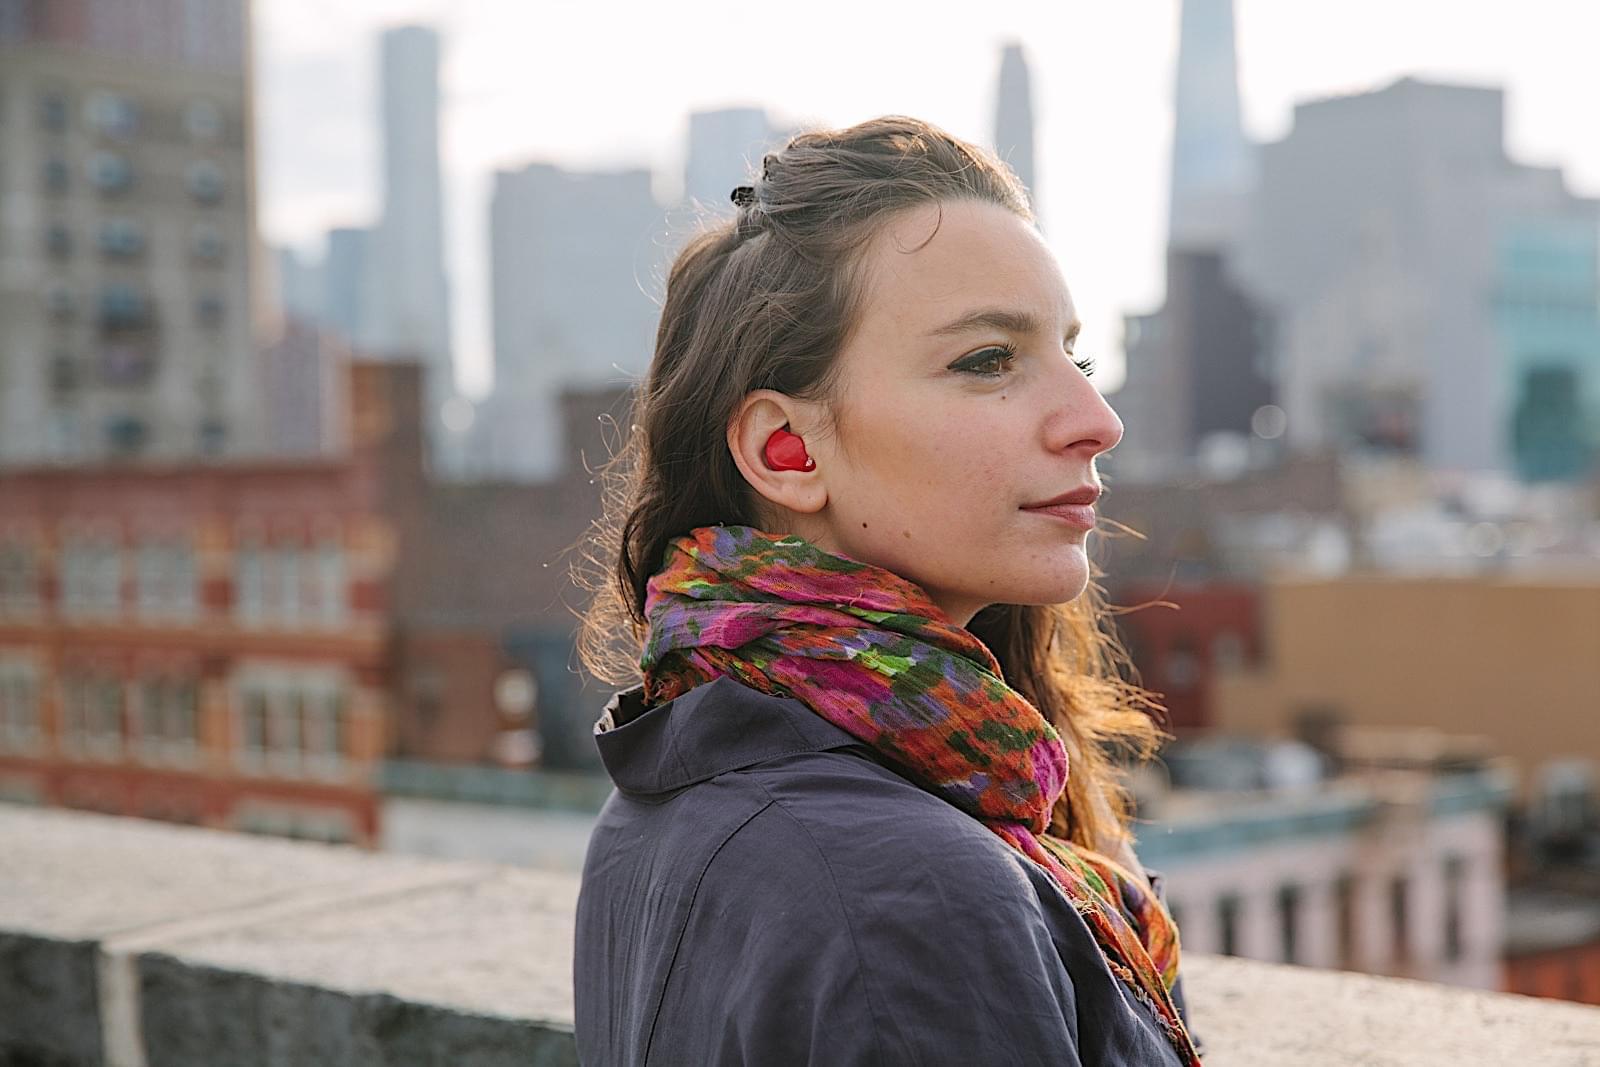 为什么有人说谷歌实时翻译无线耳机将影响世界?